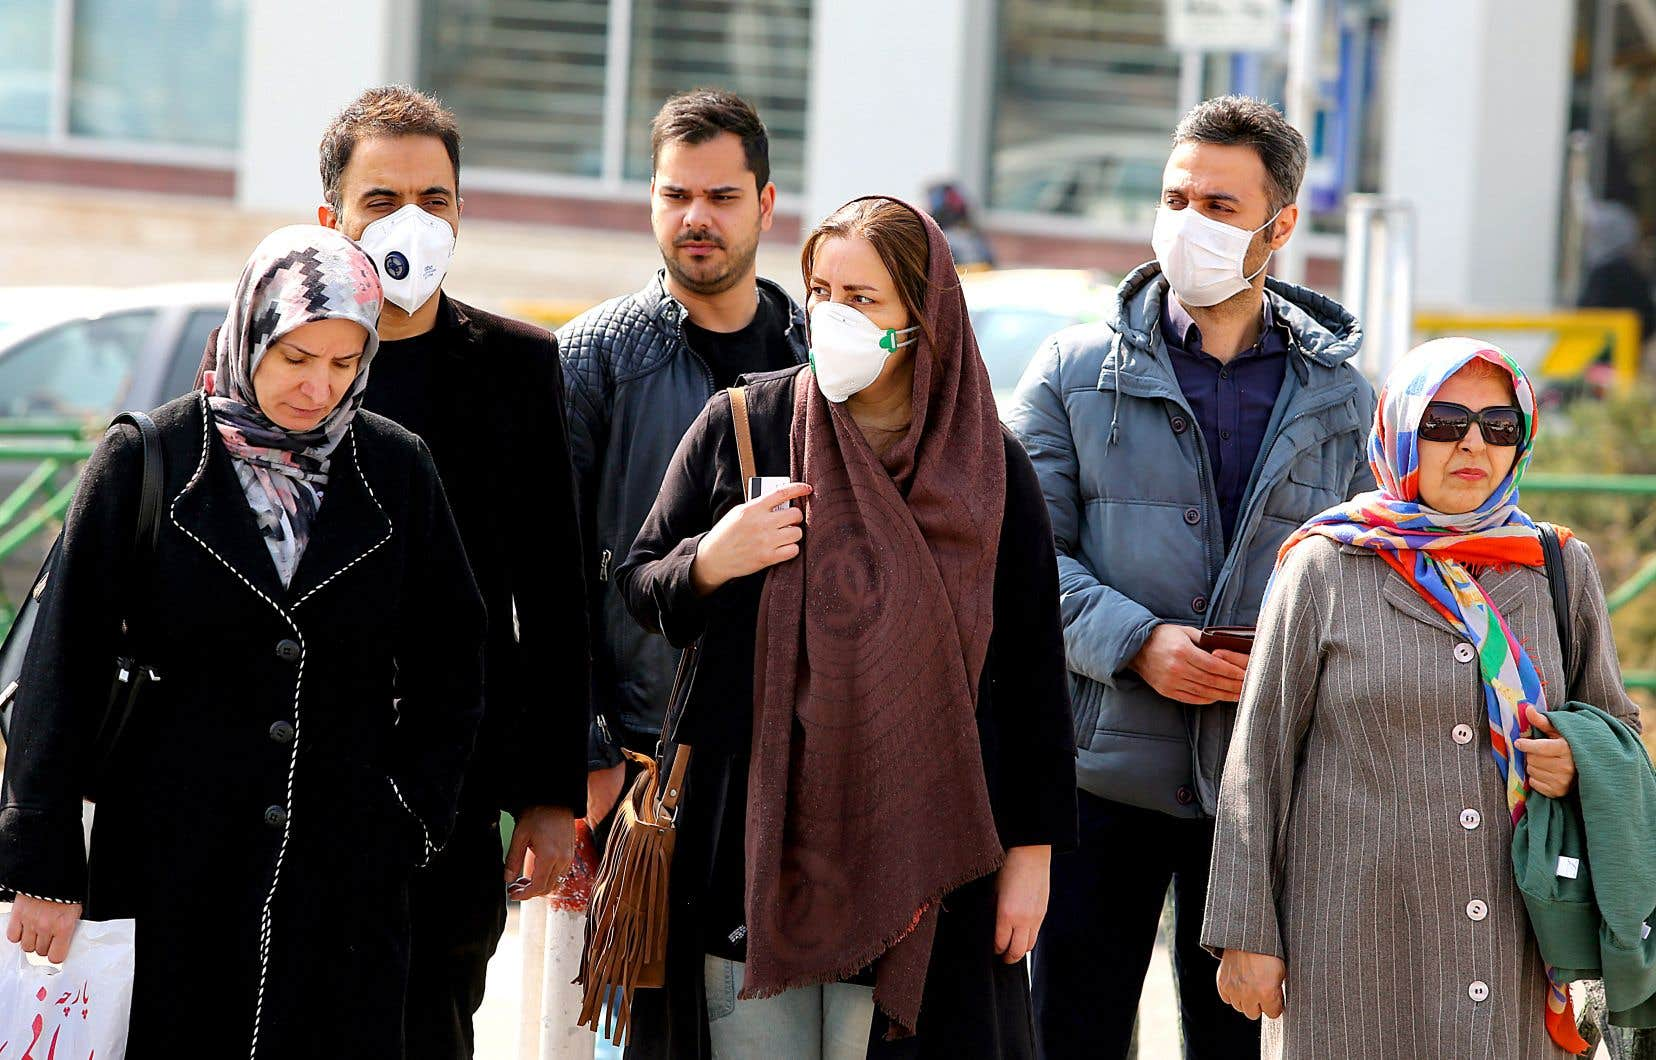 L'ayatollah Ali Khamenei a accusé la presse étrangère d'avoir tout fait pour «décourager les gens d'aller voter», y compris par sa couverture de l'épidémie du COVID-19.